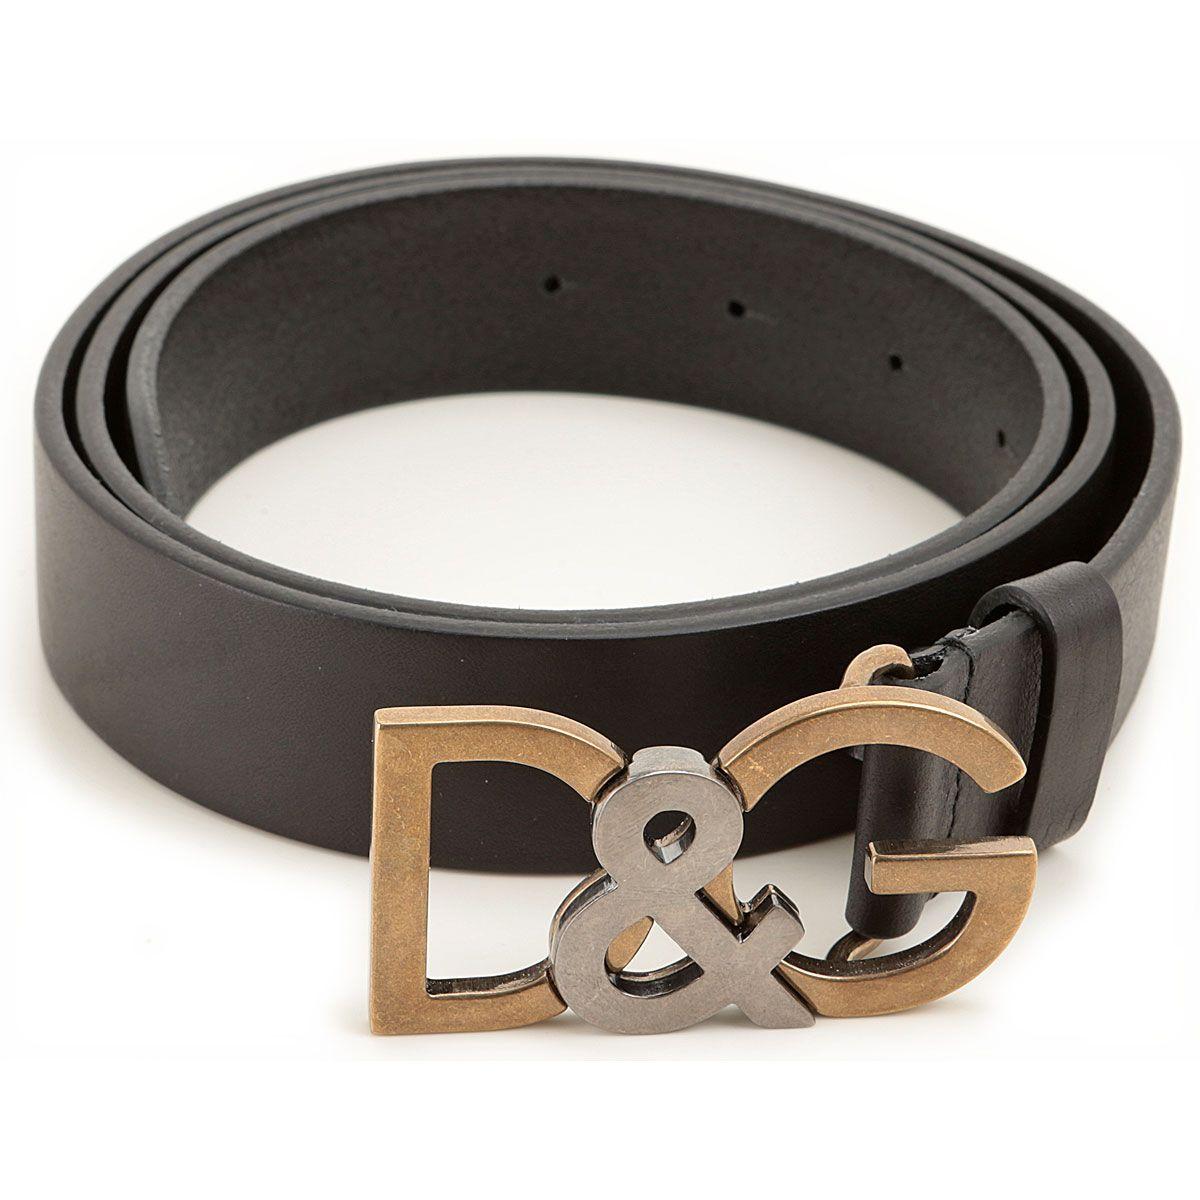 e3db7c87a Cinturones para Hombres Dolce & Gabbana, Detalle Modelo: bc3735-a1561-80999